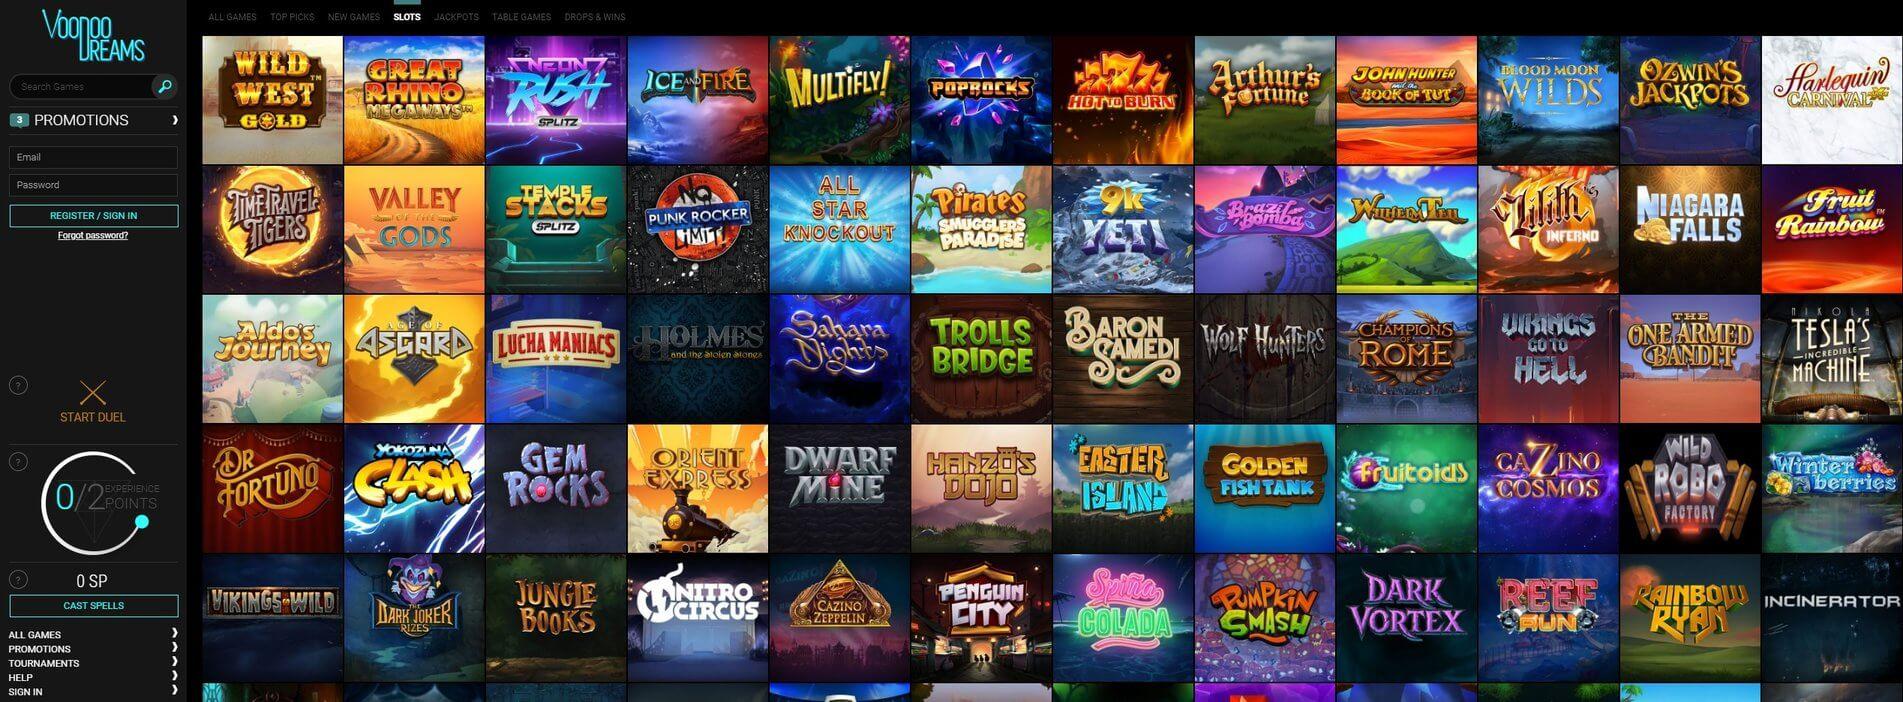 Games at Voodoodreams Casino